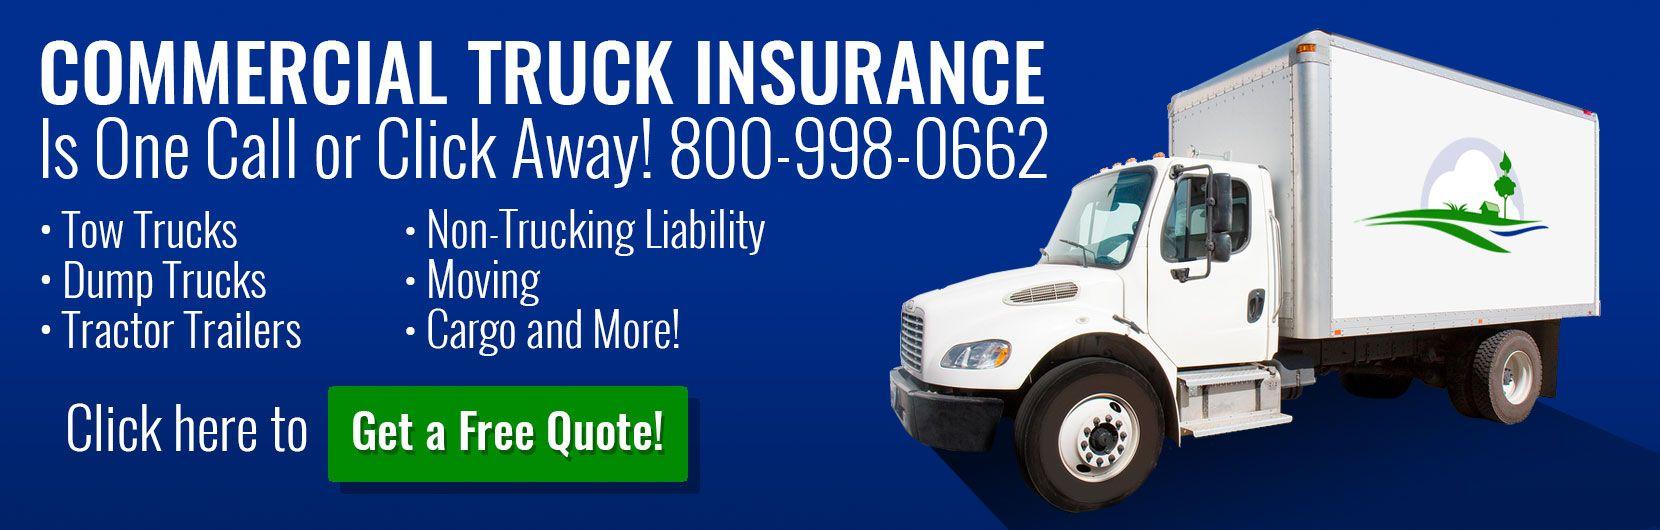 Box truck insurance quote explore the smaller more